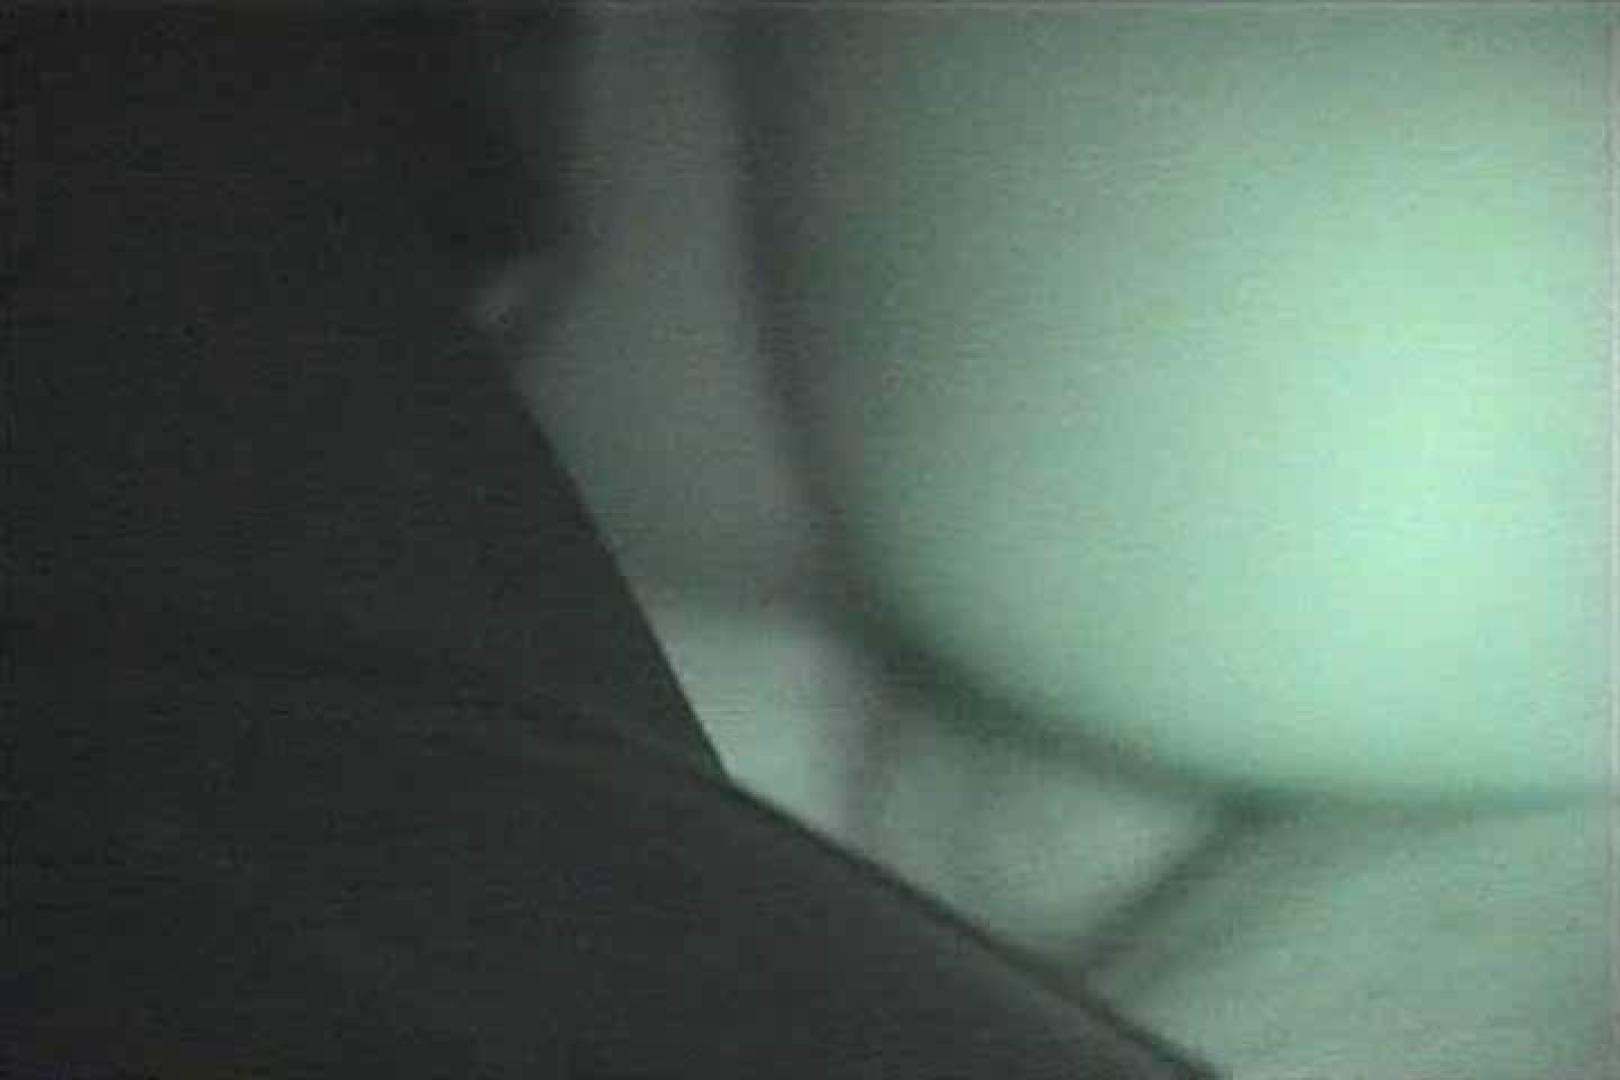 MASAさんの待ち伏せ撮り! 赤外線カーセックスVol.19 カーセックス おまんこ無修正動画無料 89画像 39